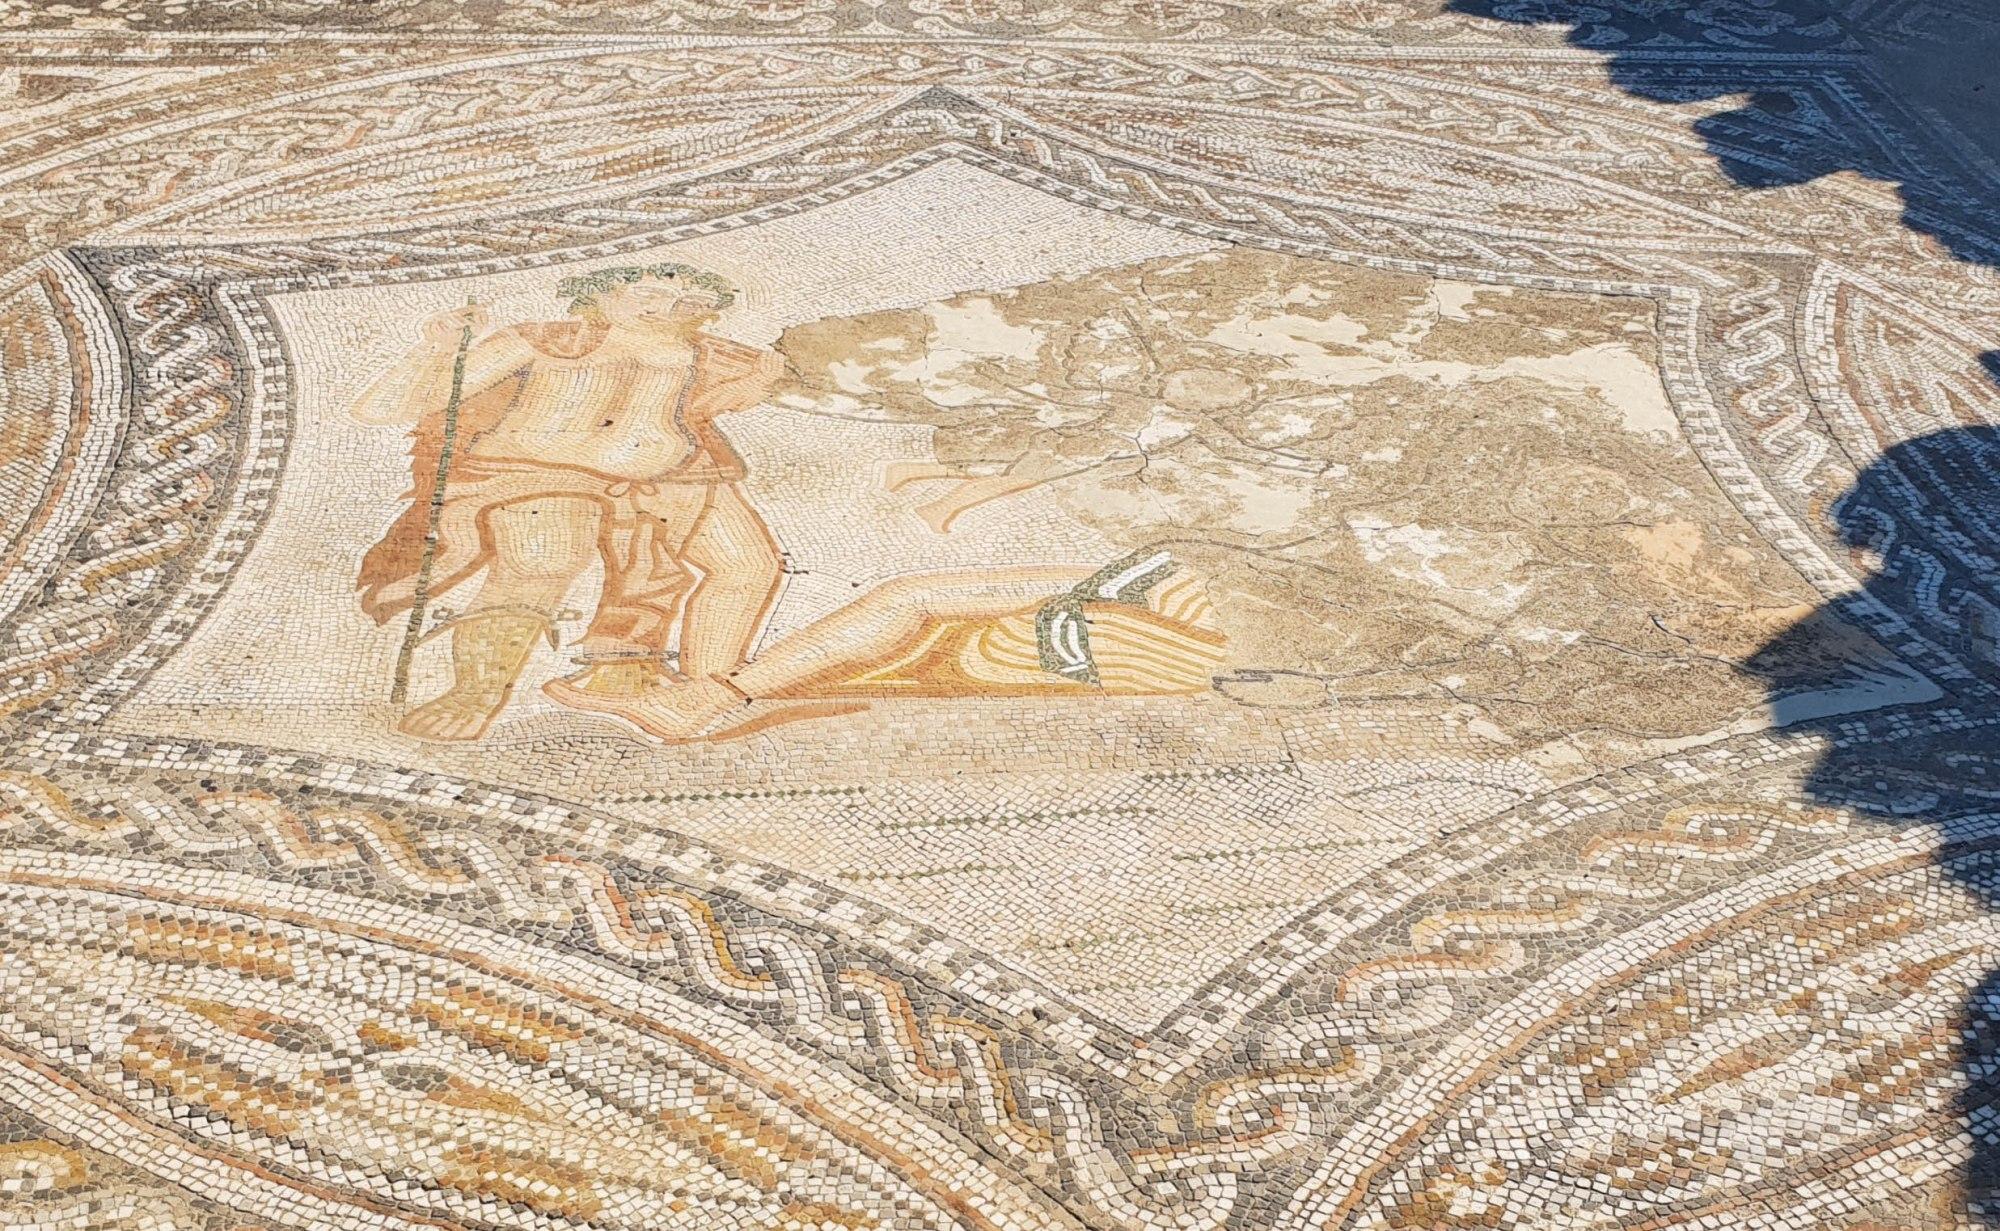 Représentations en mosaïques au site archéologique de Volubilis au Maroc